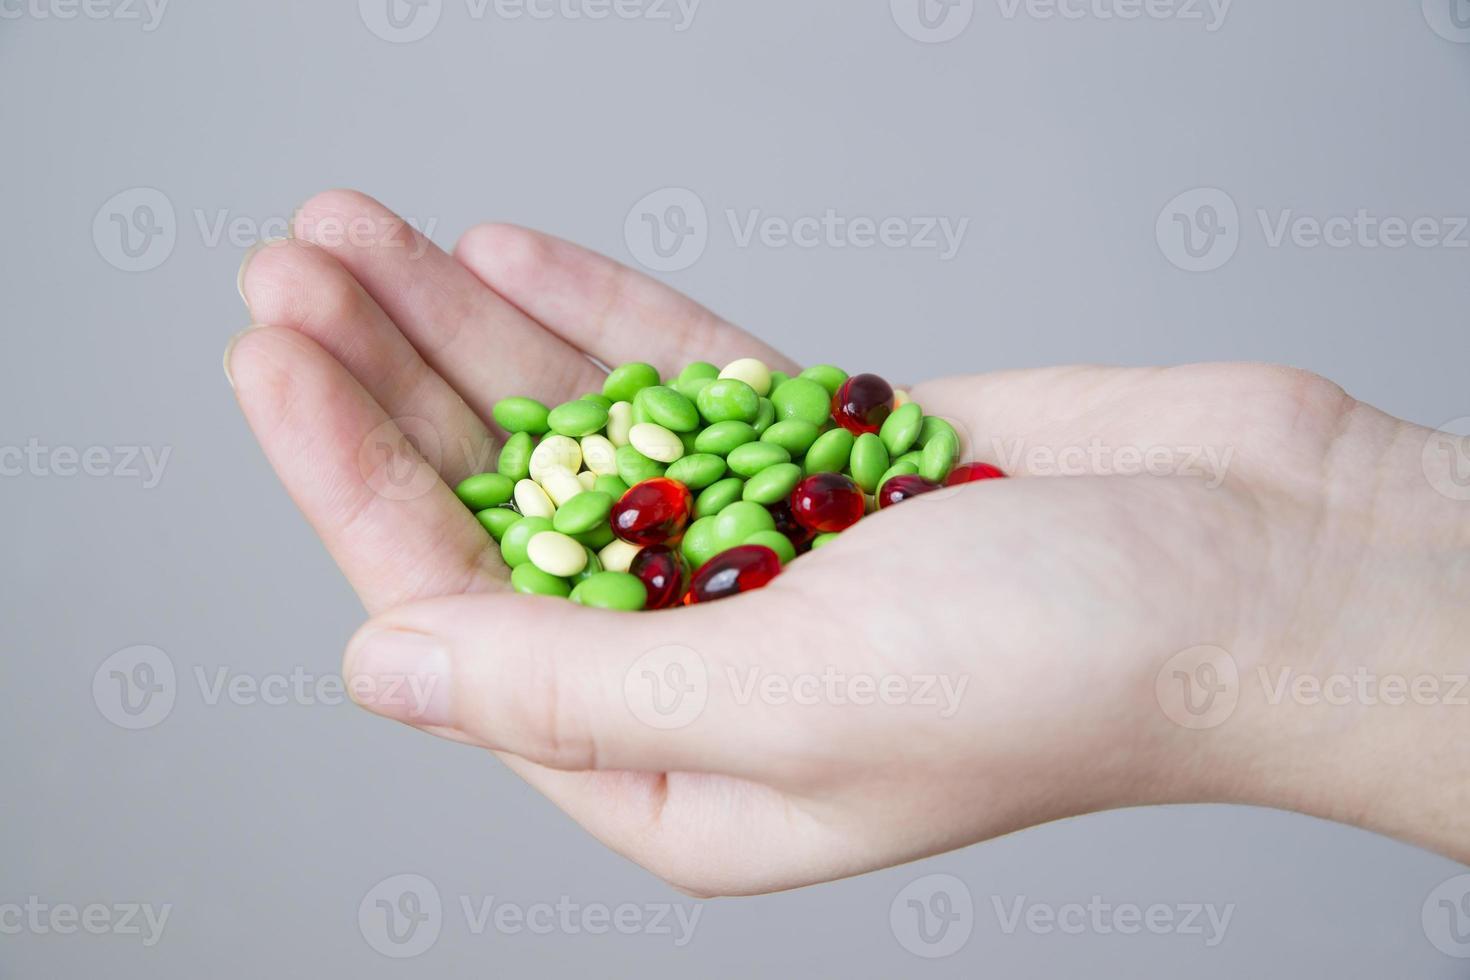 pílulas na mão de mulheres foto